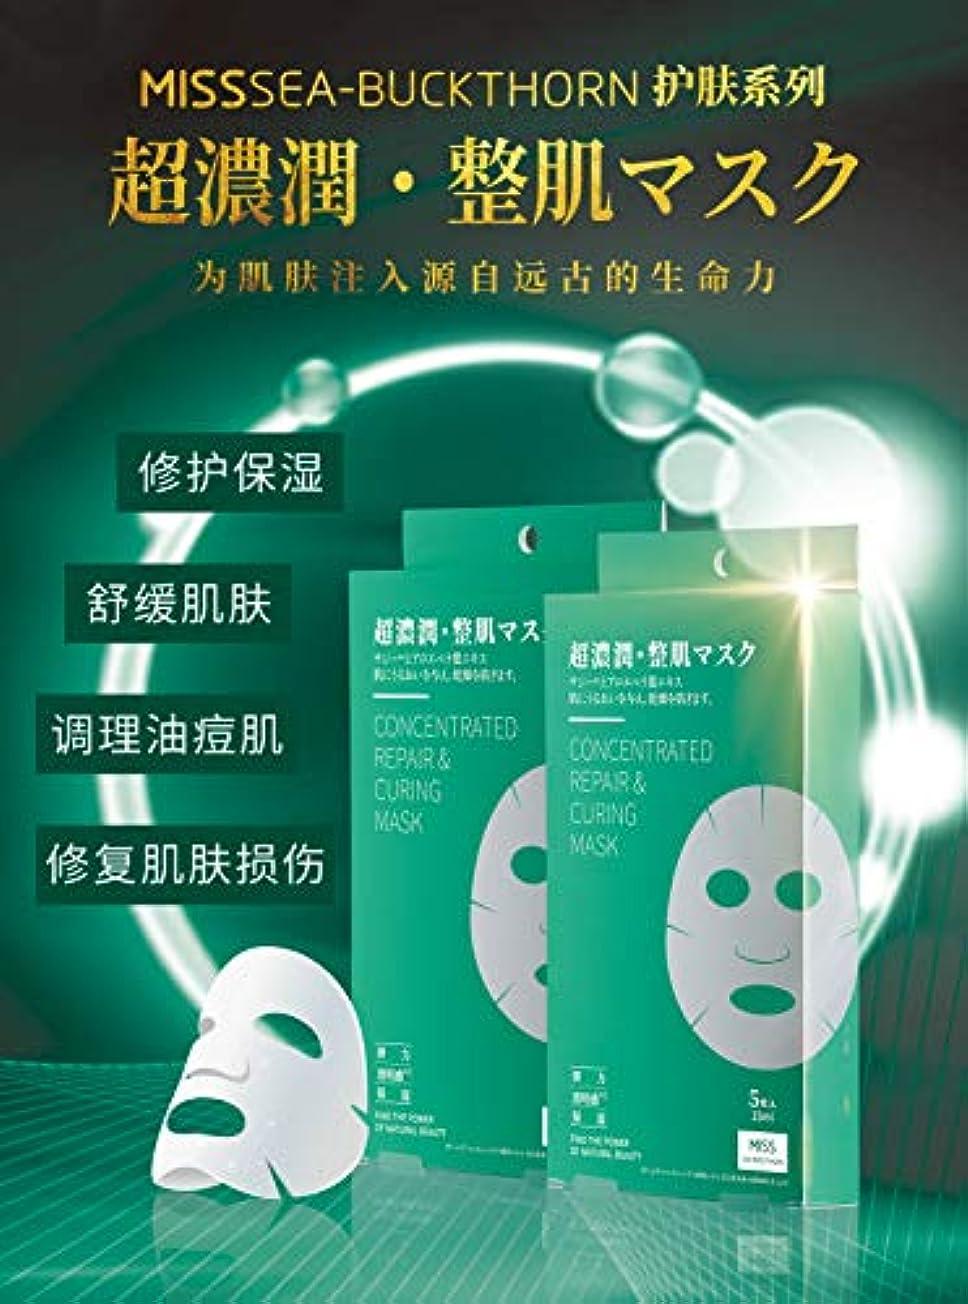 蒸し器割り込み喉が渇いた超濃潤?整肌マスク 25ml×5枚入 (green)